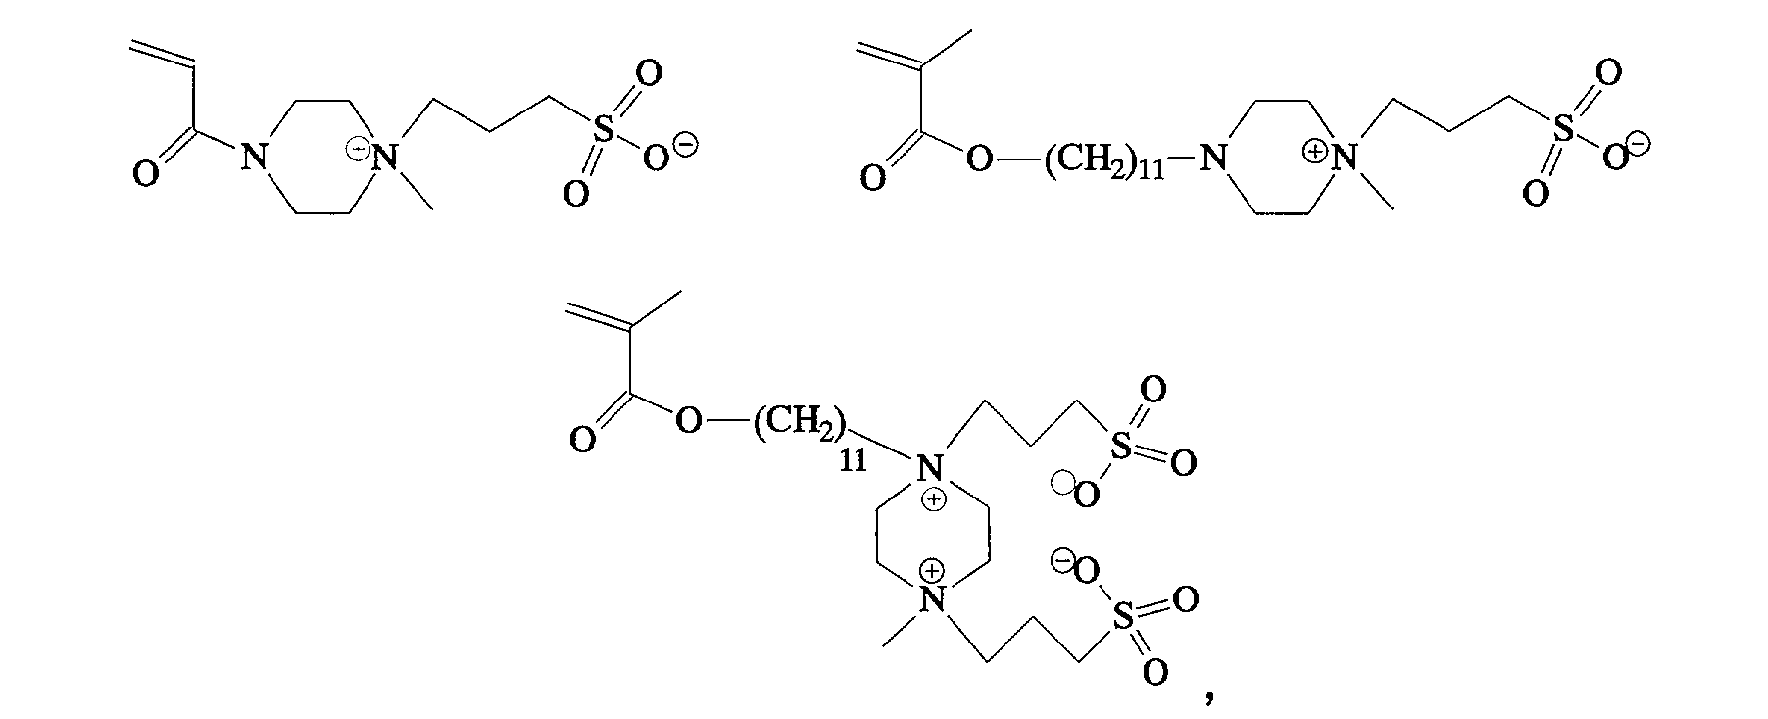 Figure img00120002